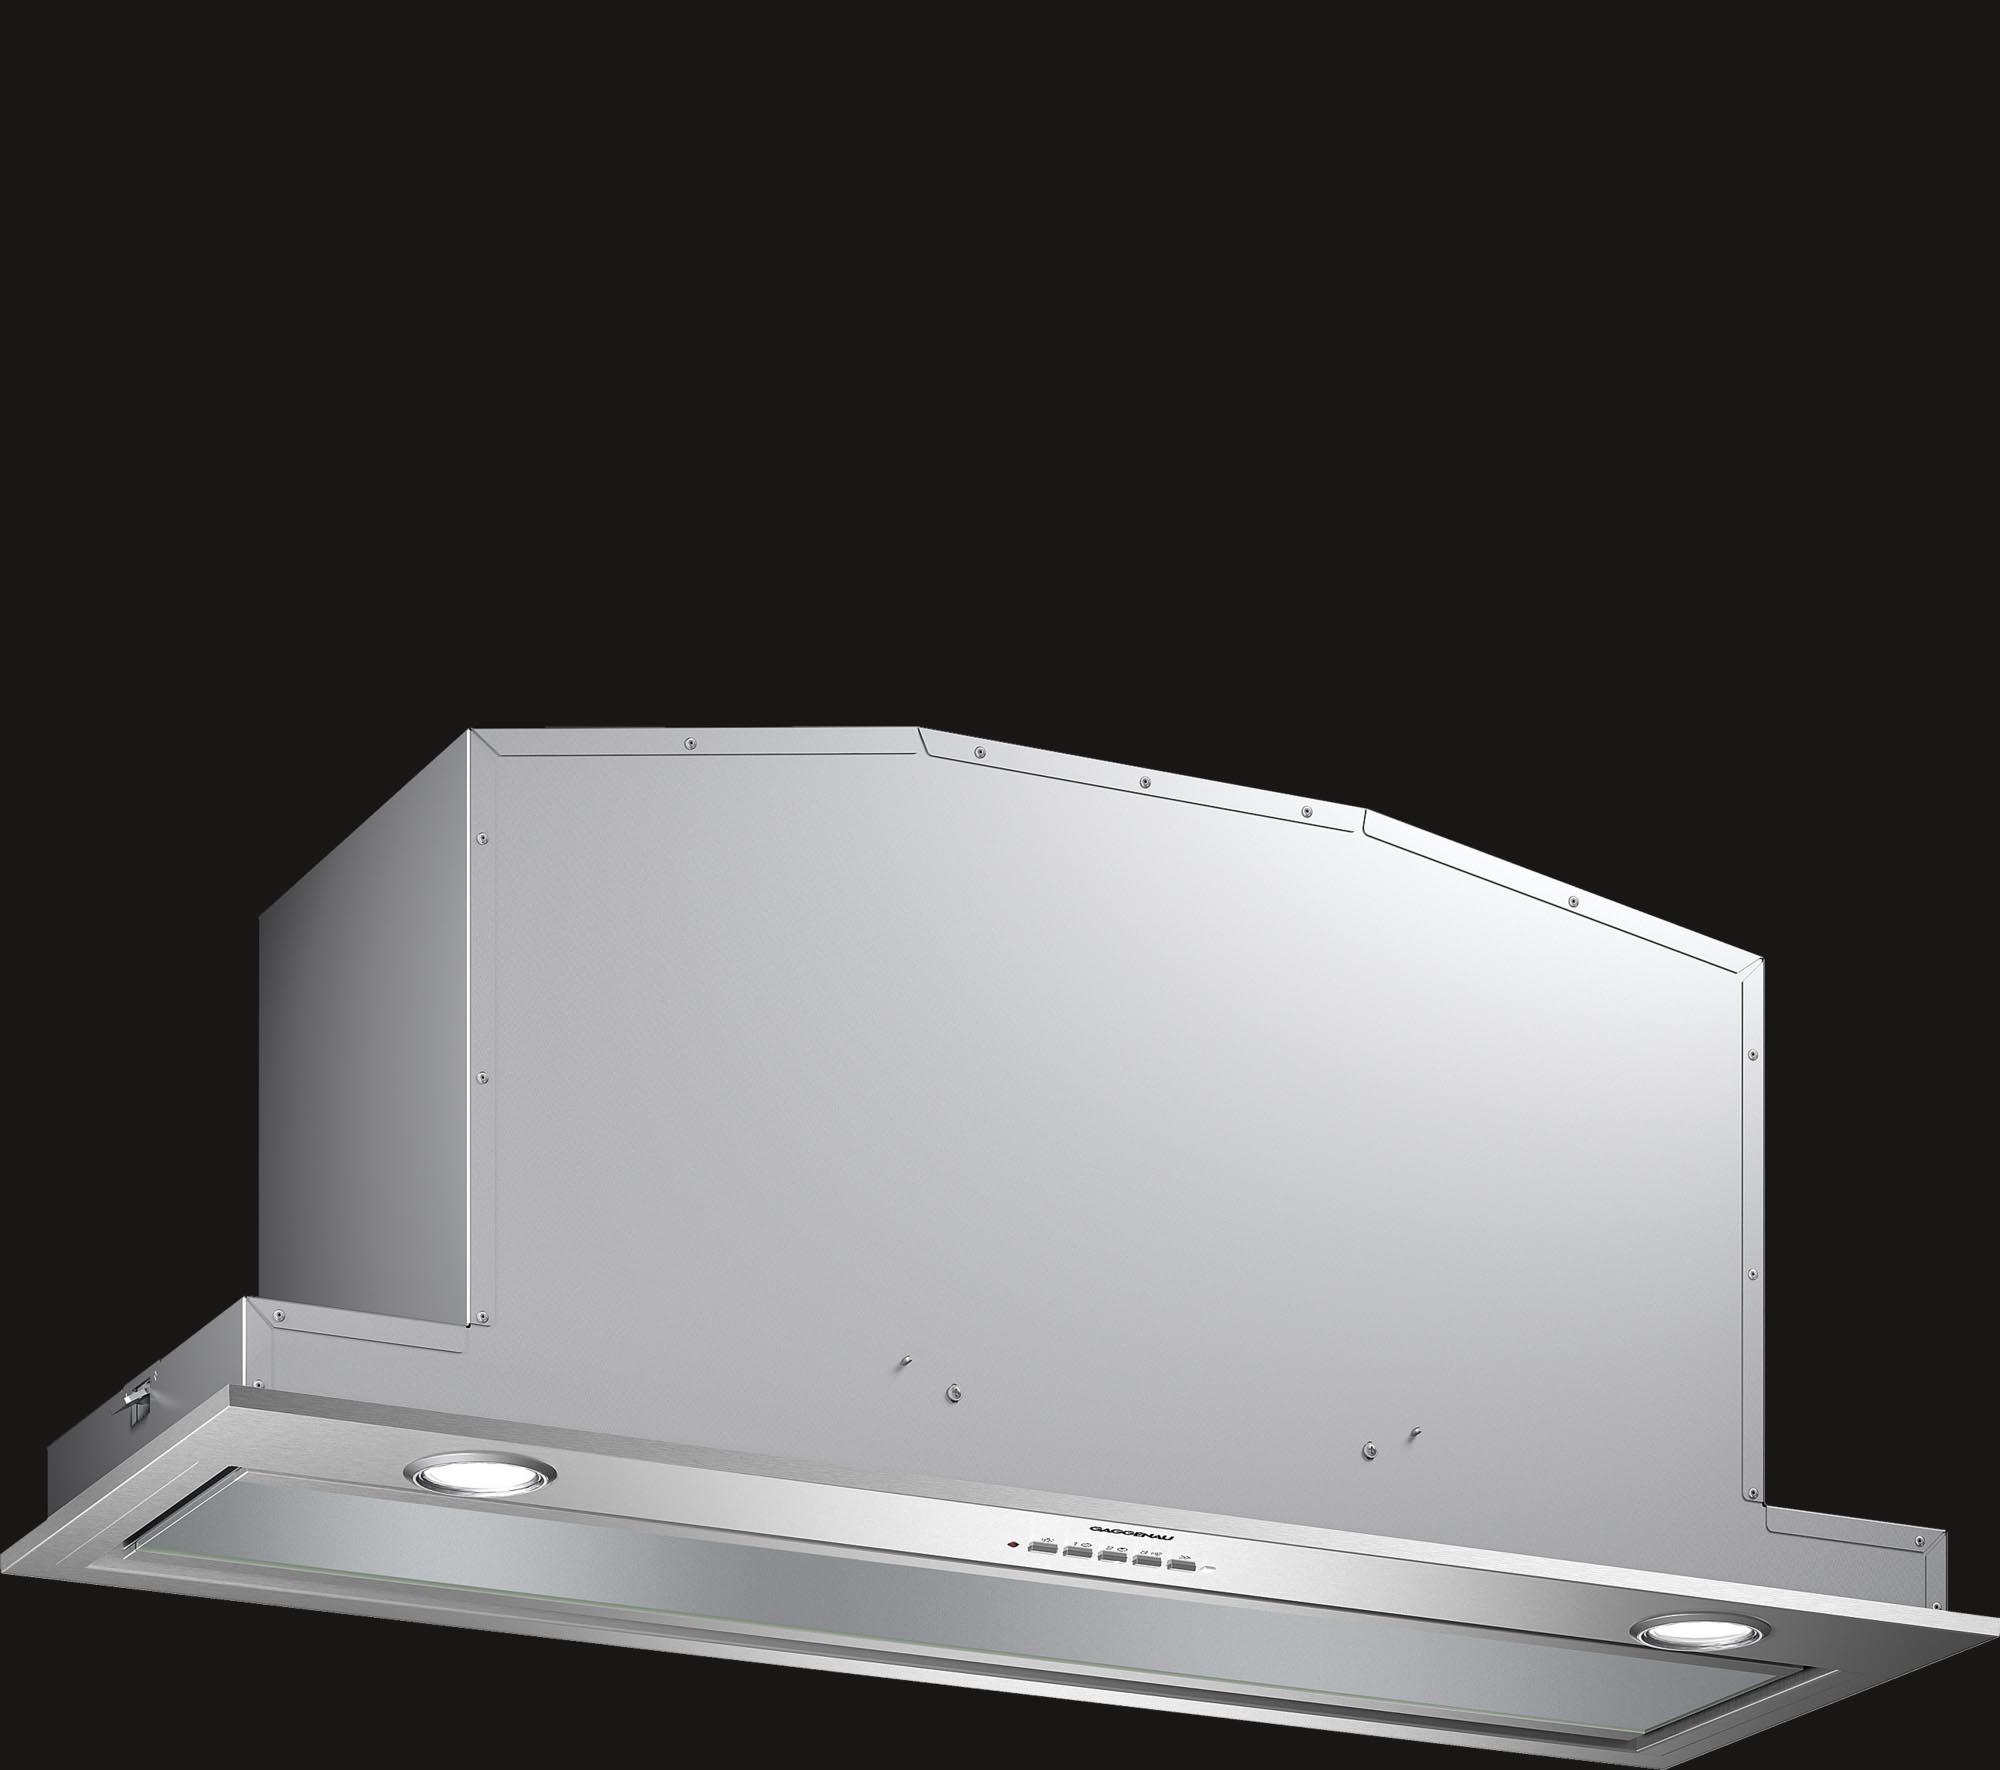 Витяжка для монтажу в підвісну шафу  AC200190 GAGGENAU